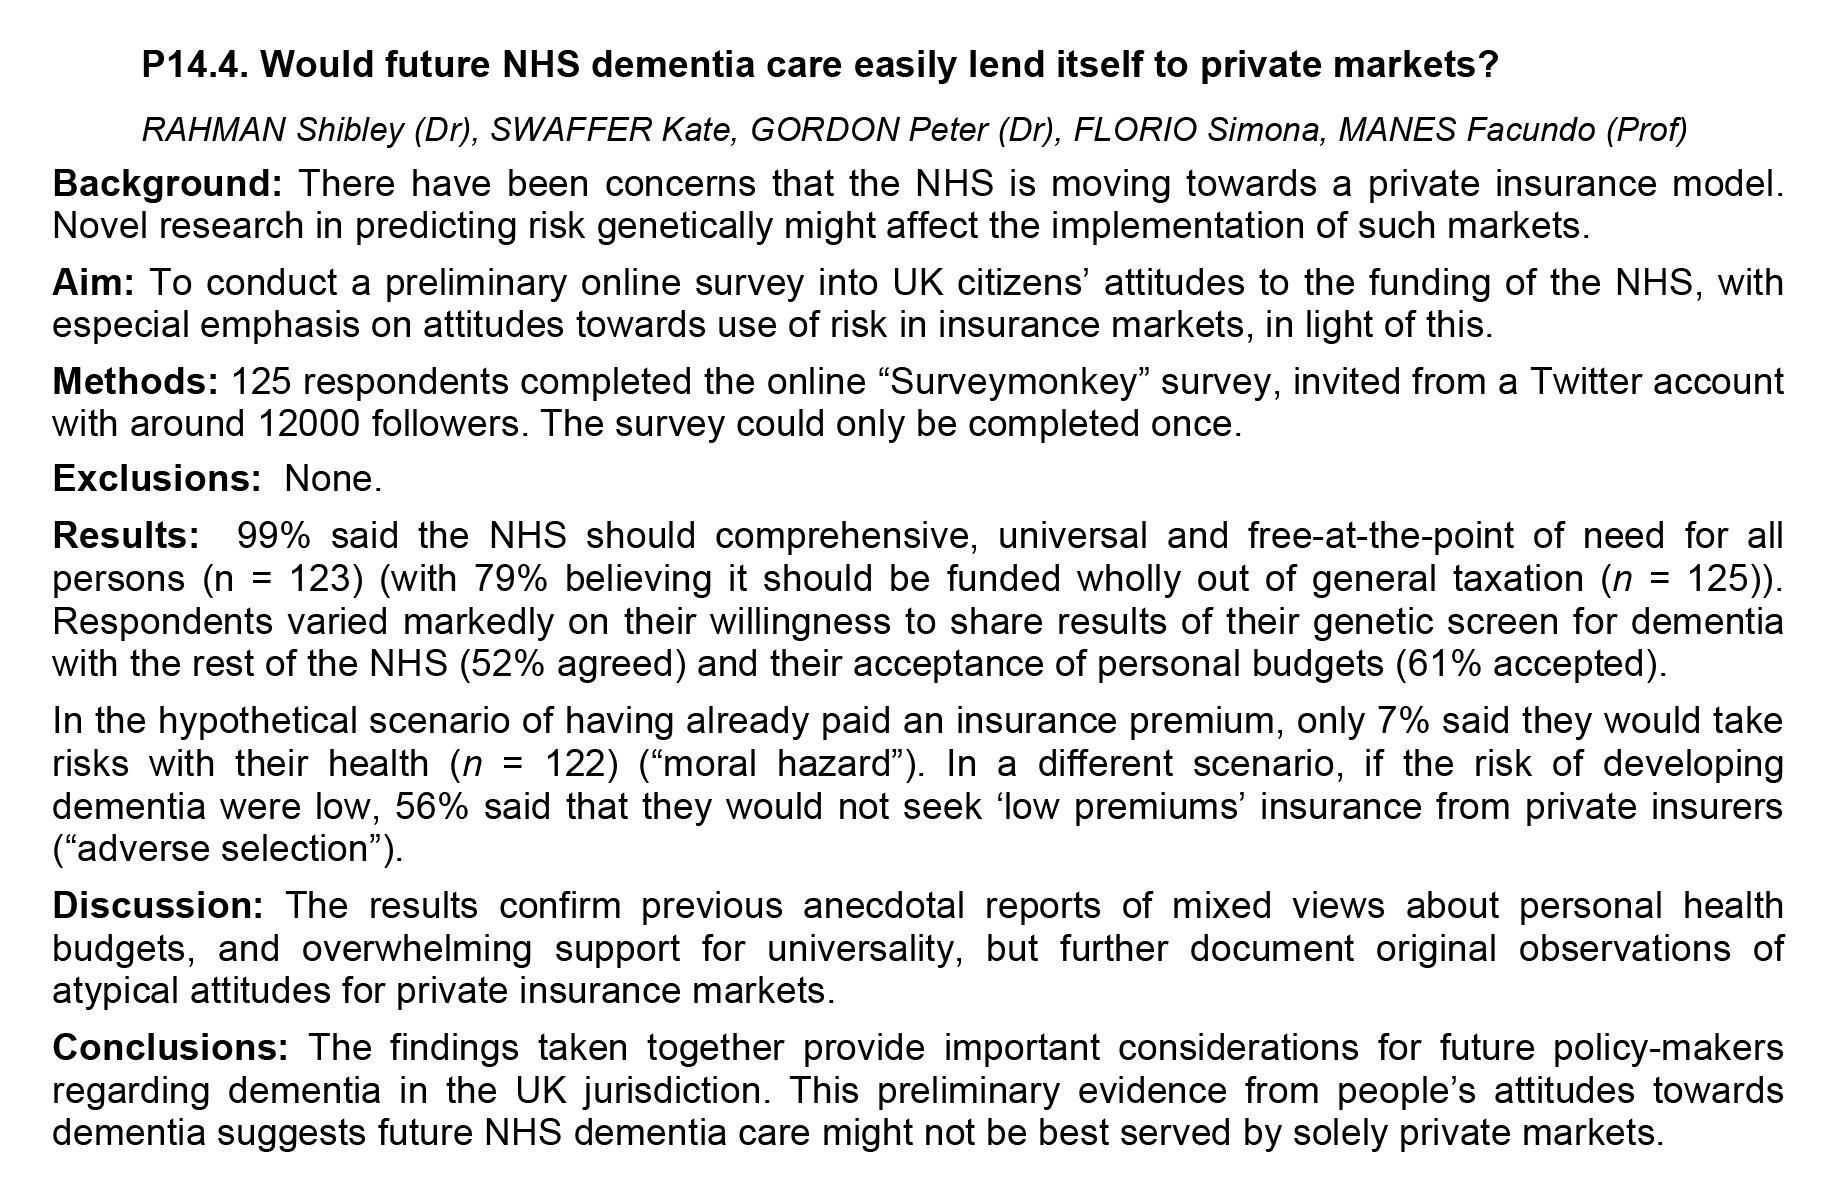 Future dementia care